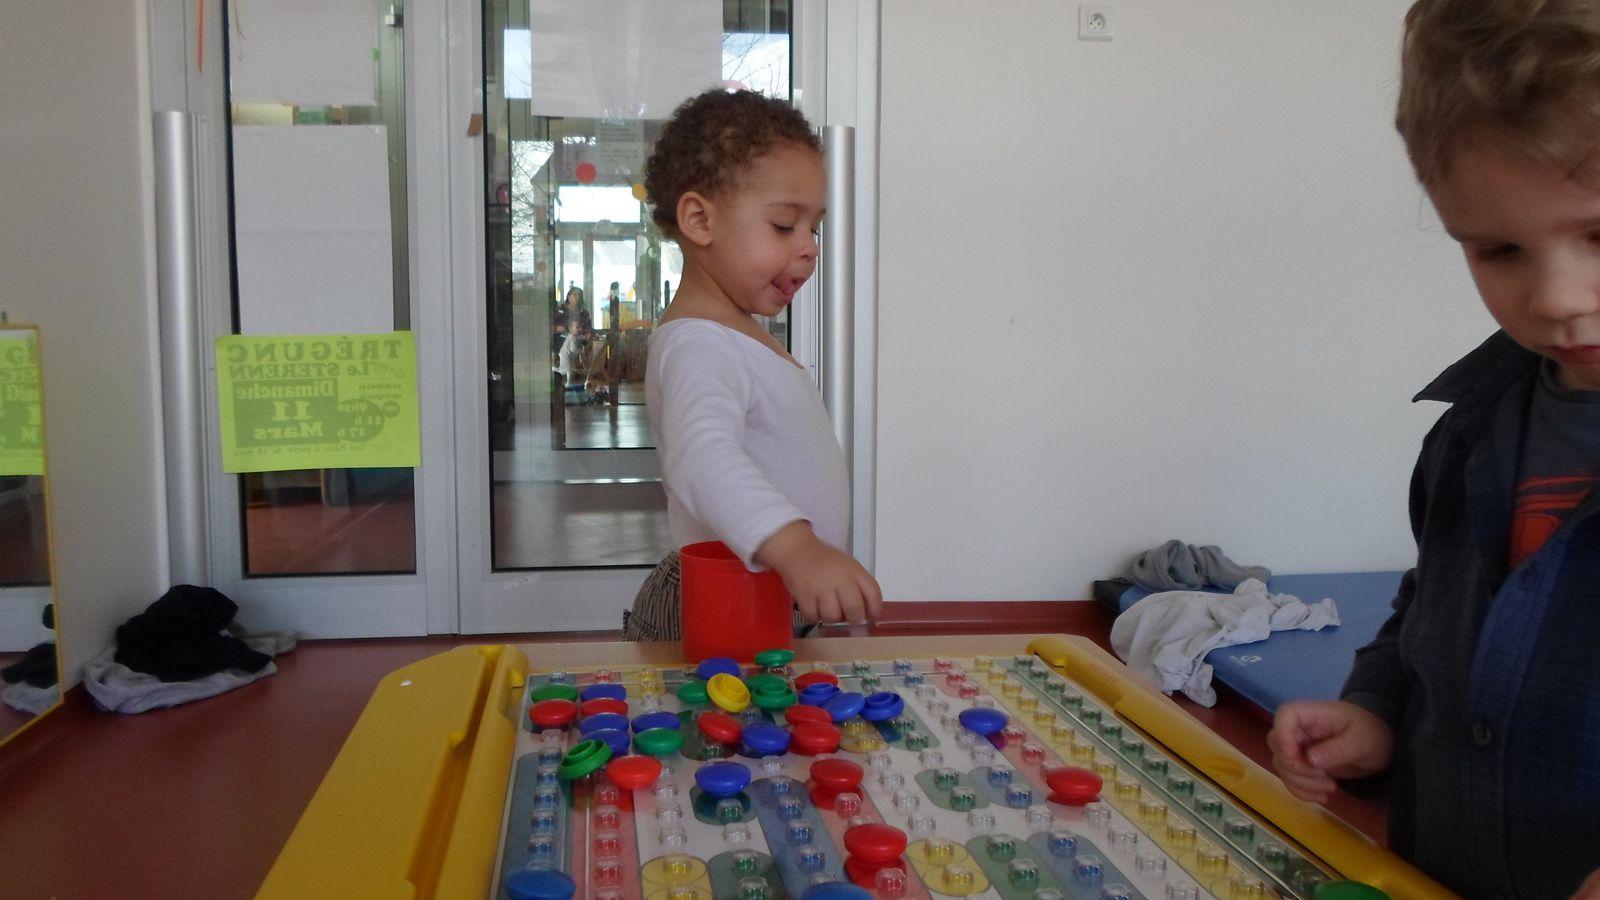 Jeux : colorédos, puzzles